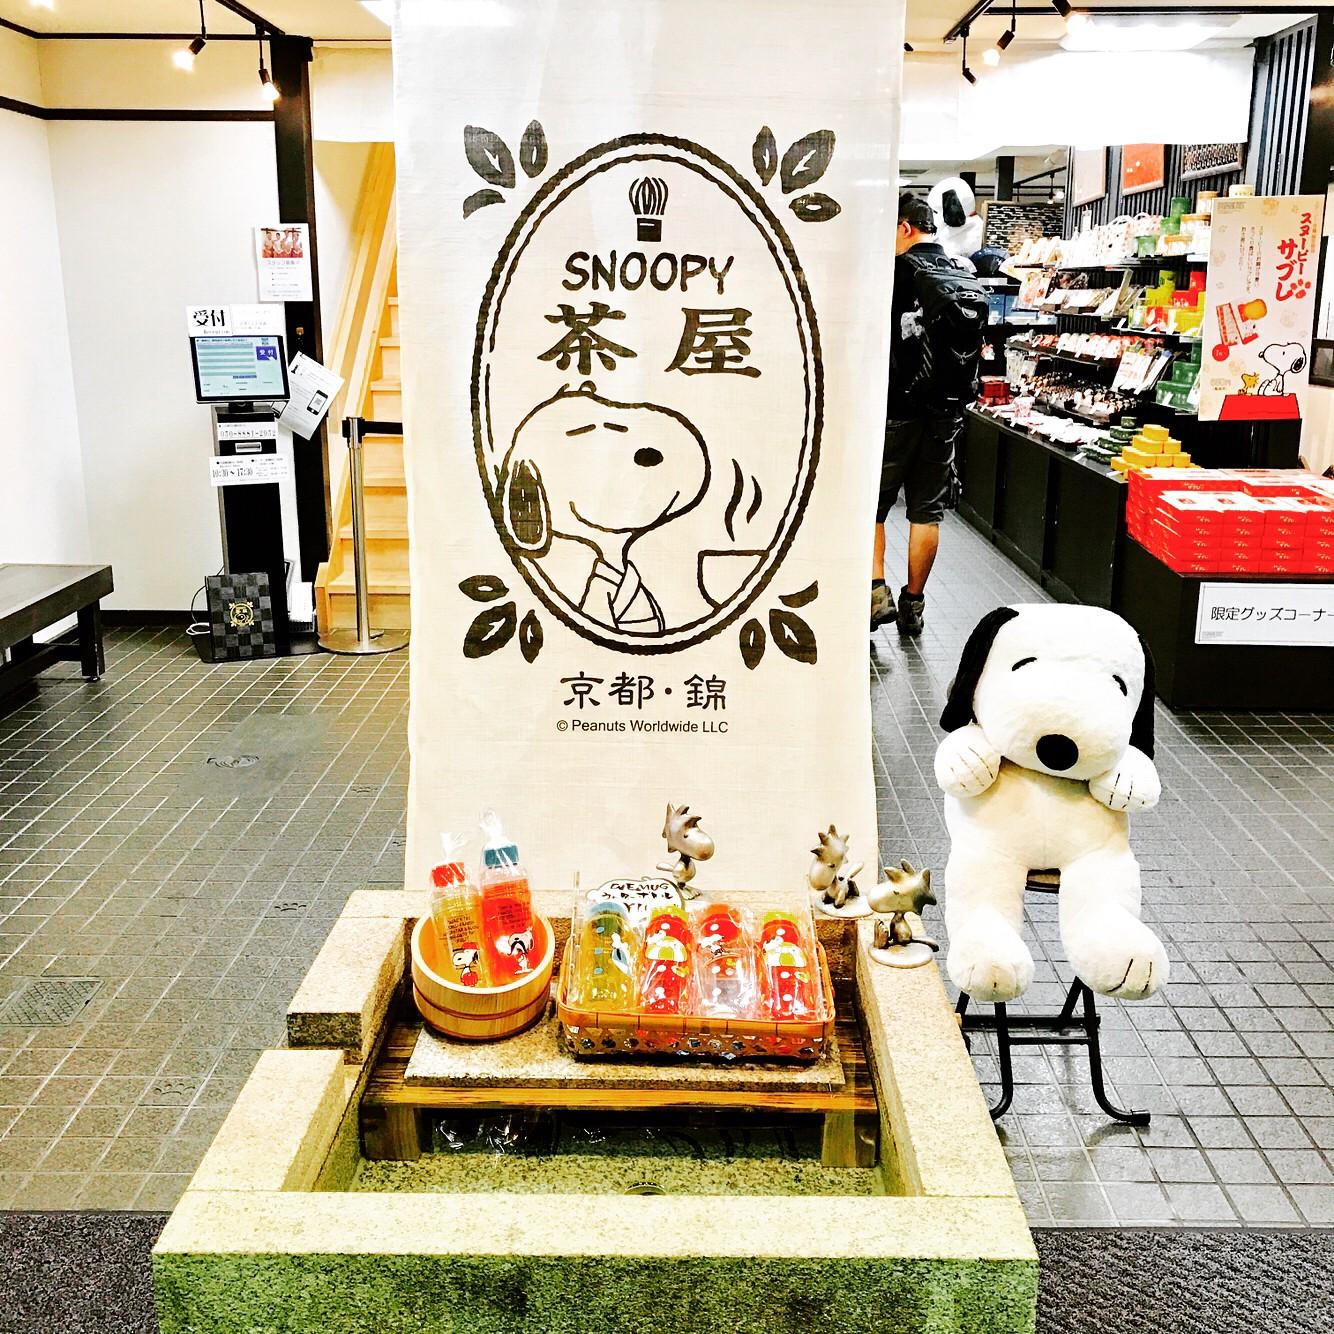 Thăm trà quán Snoopy mới được khai trương tại xứ hoa anh đào - Ảnh 11.